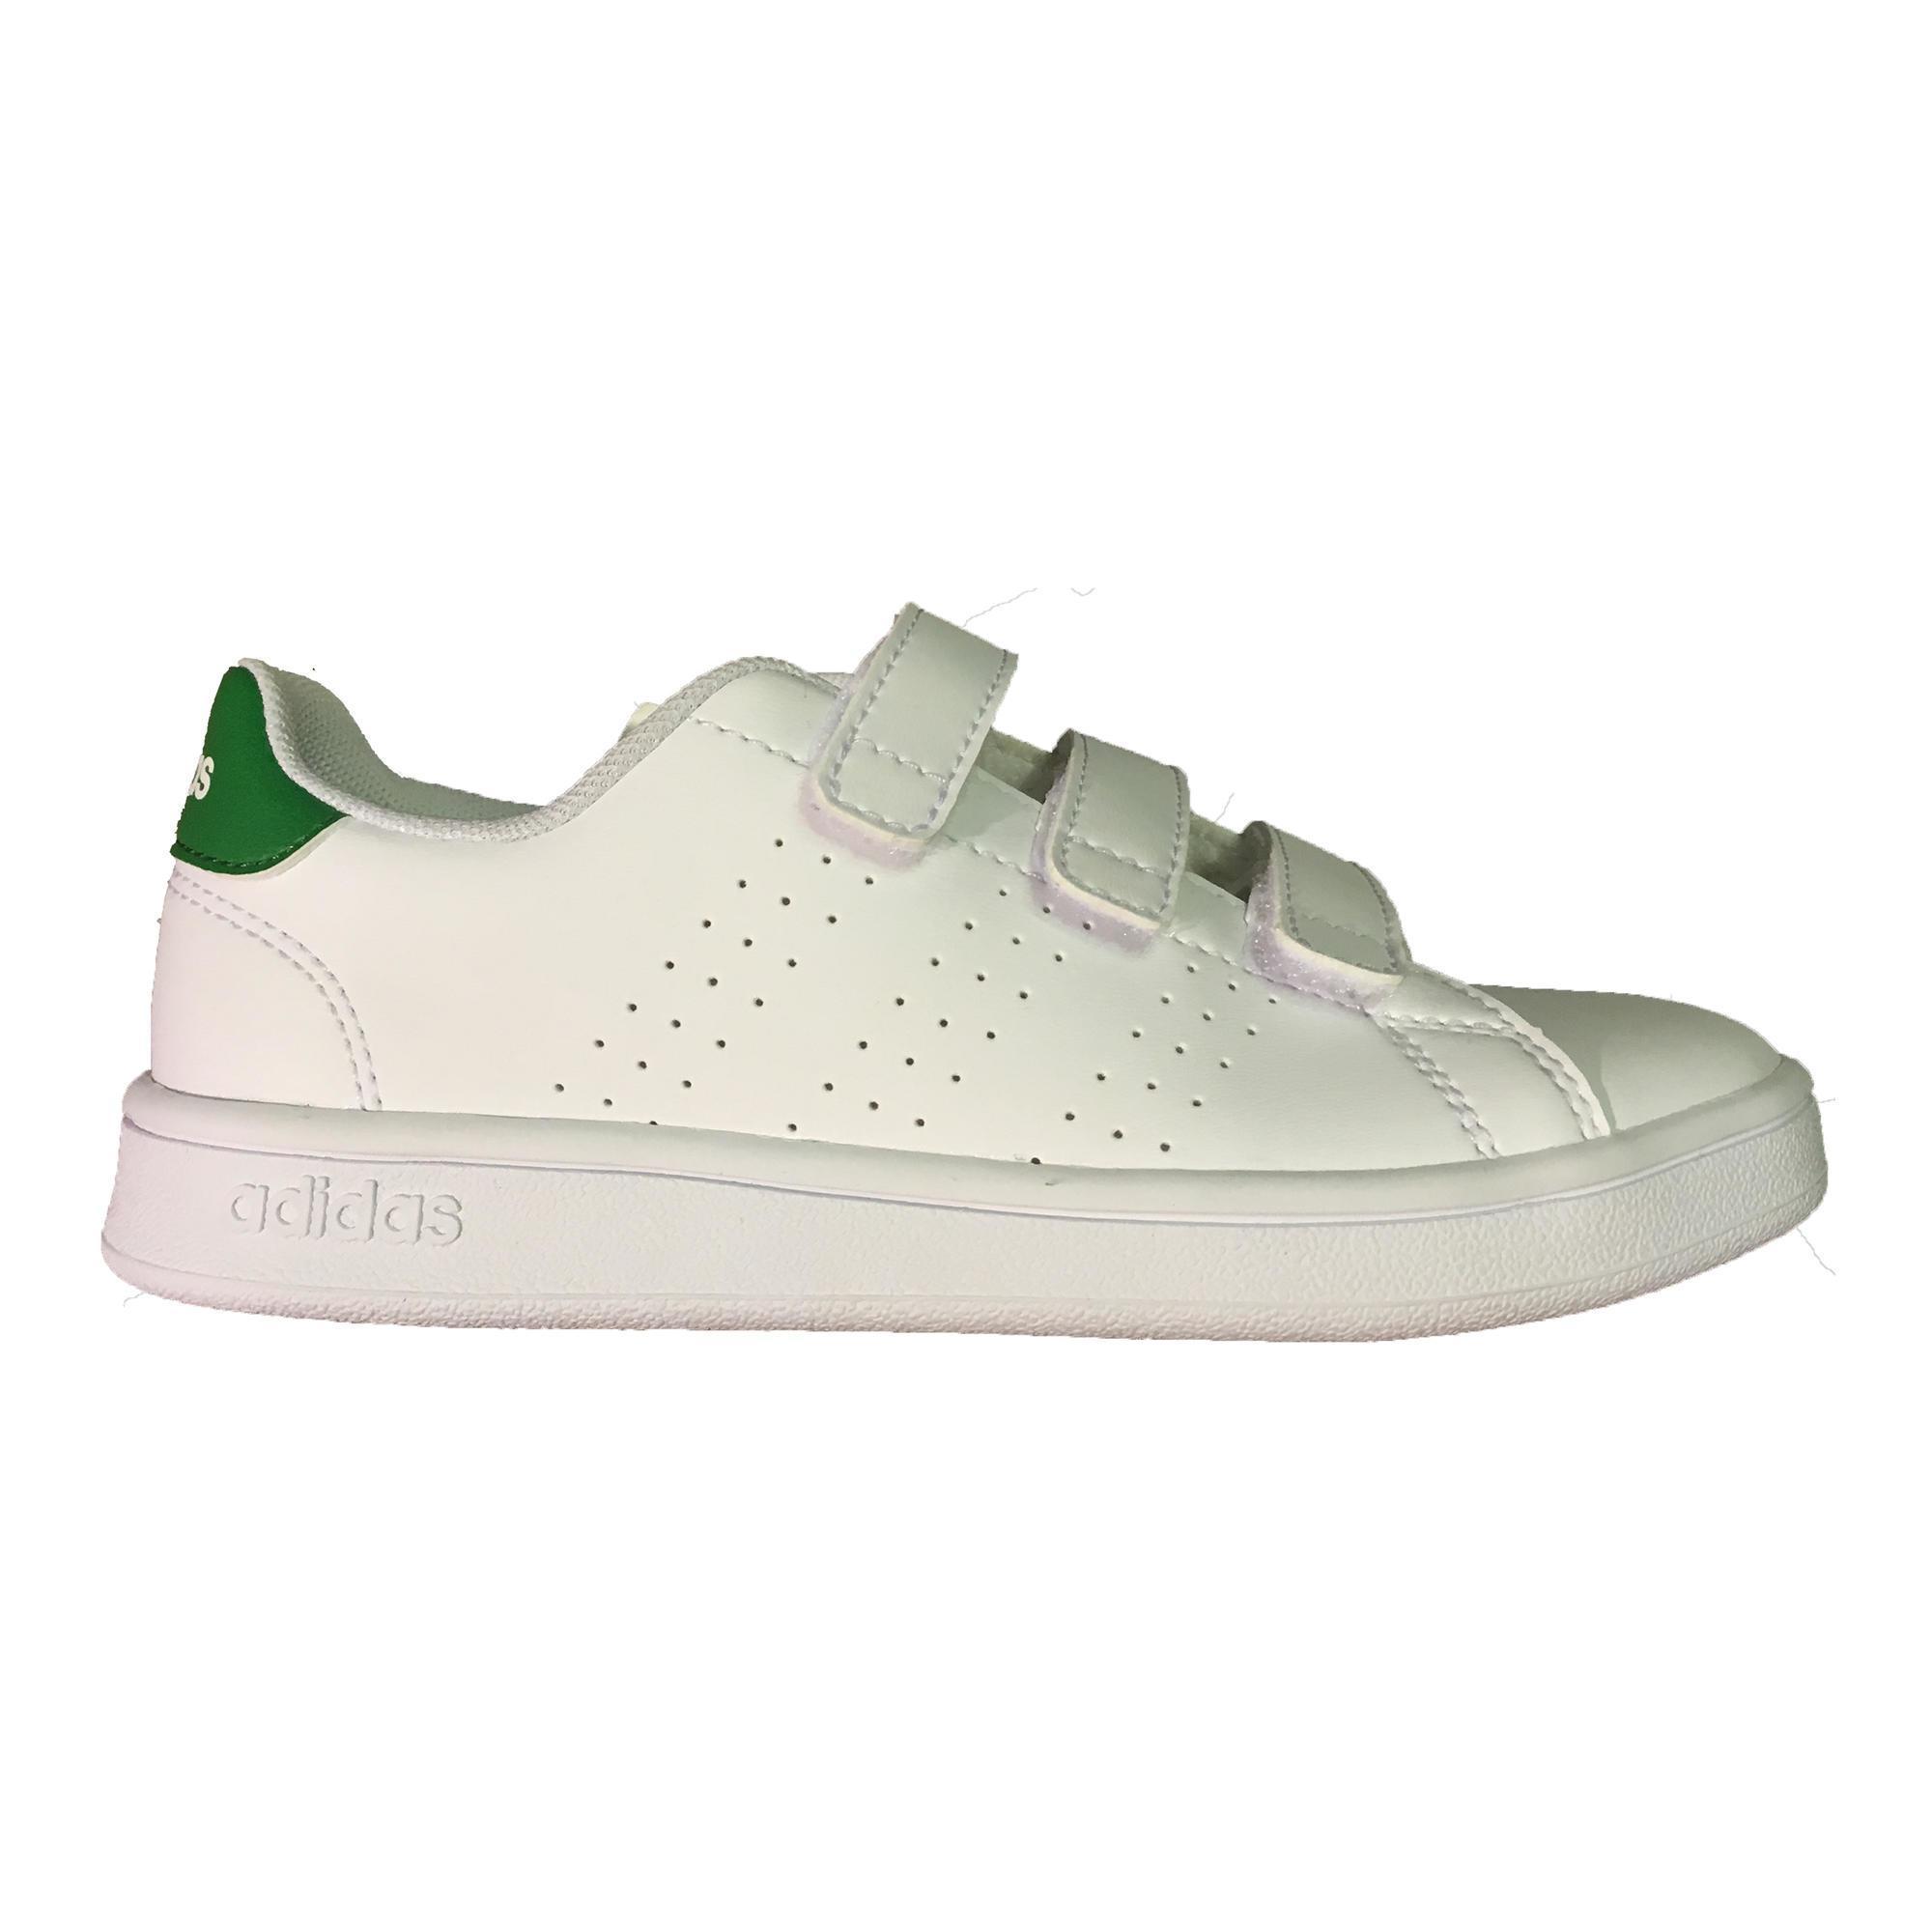 Adidas Tennisschoenen voor kinderen Advantage Clean wit/groen